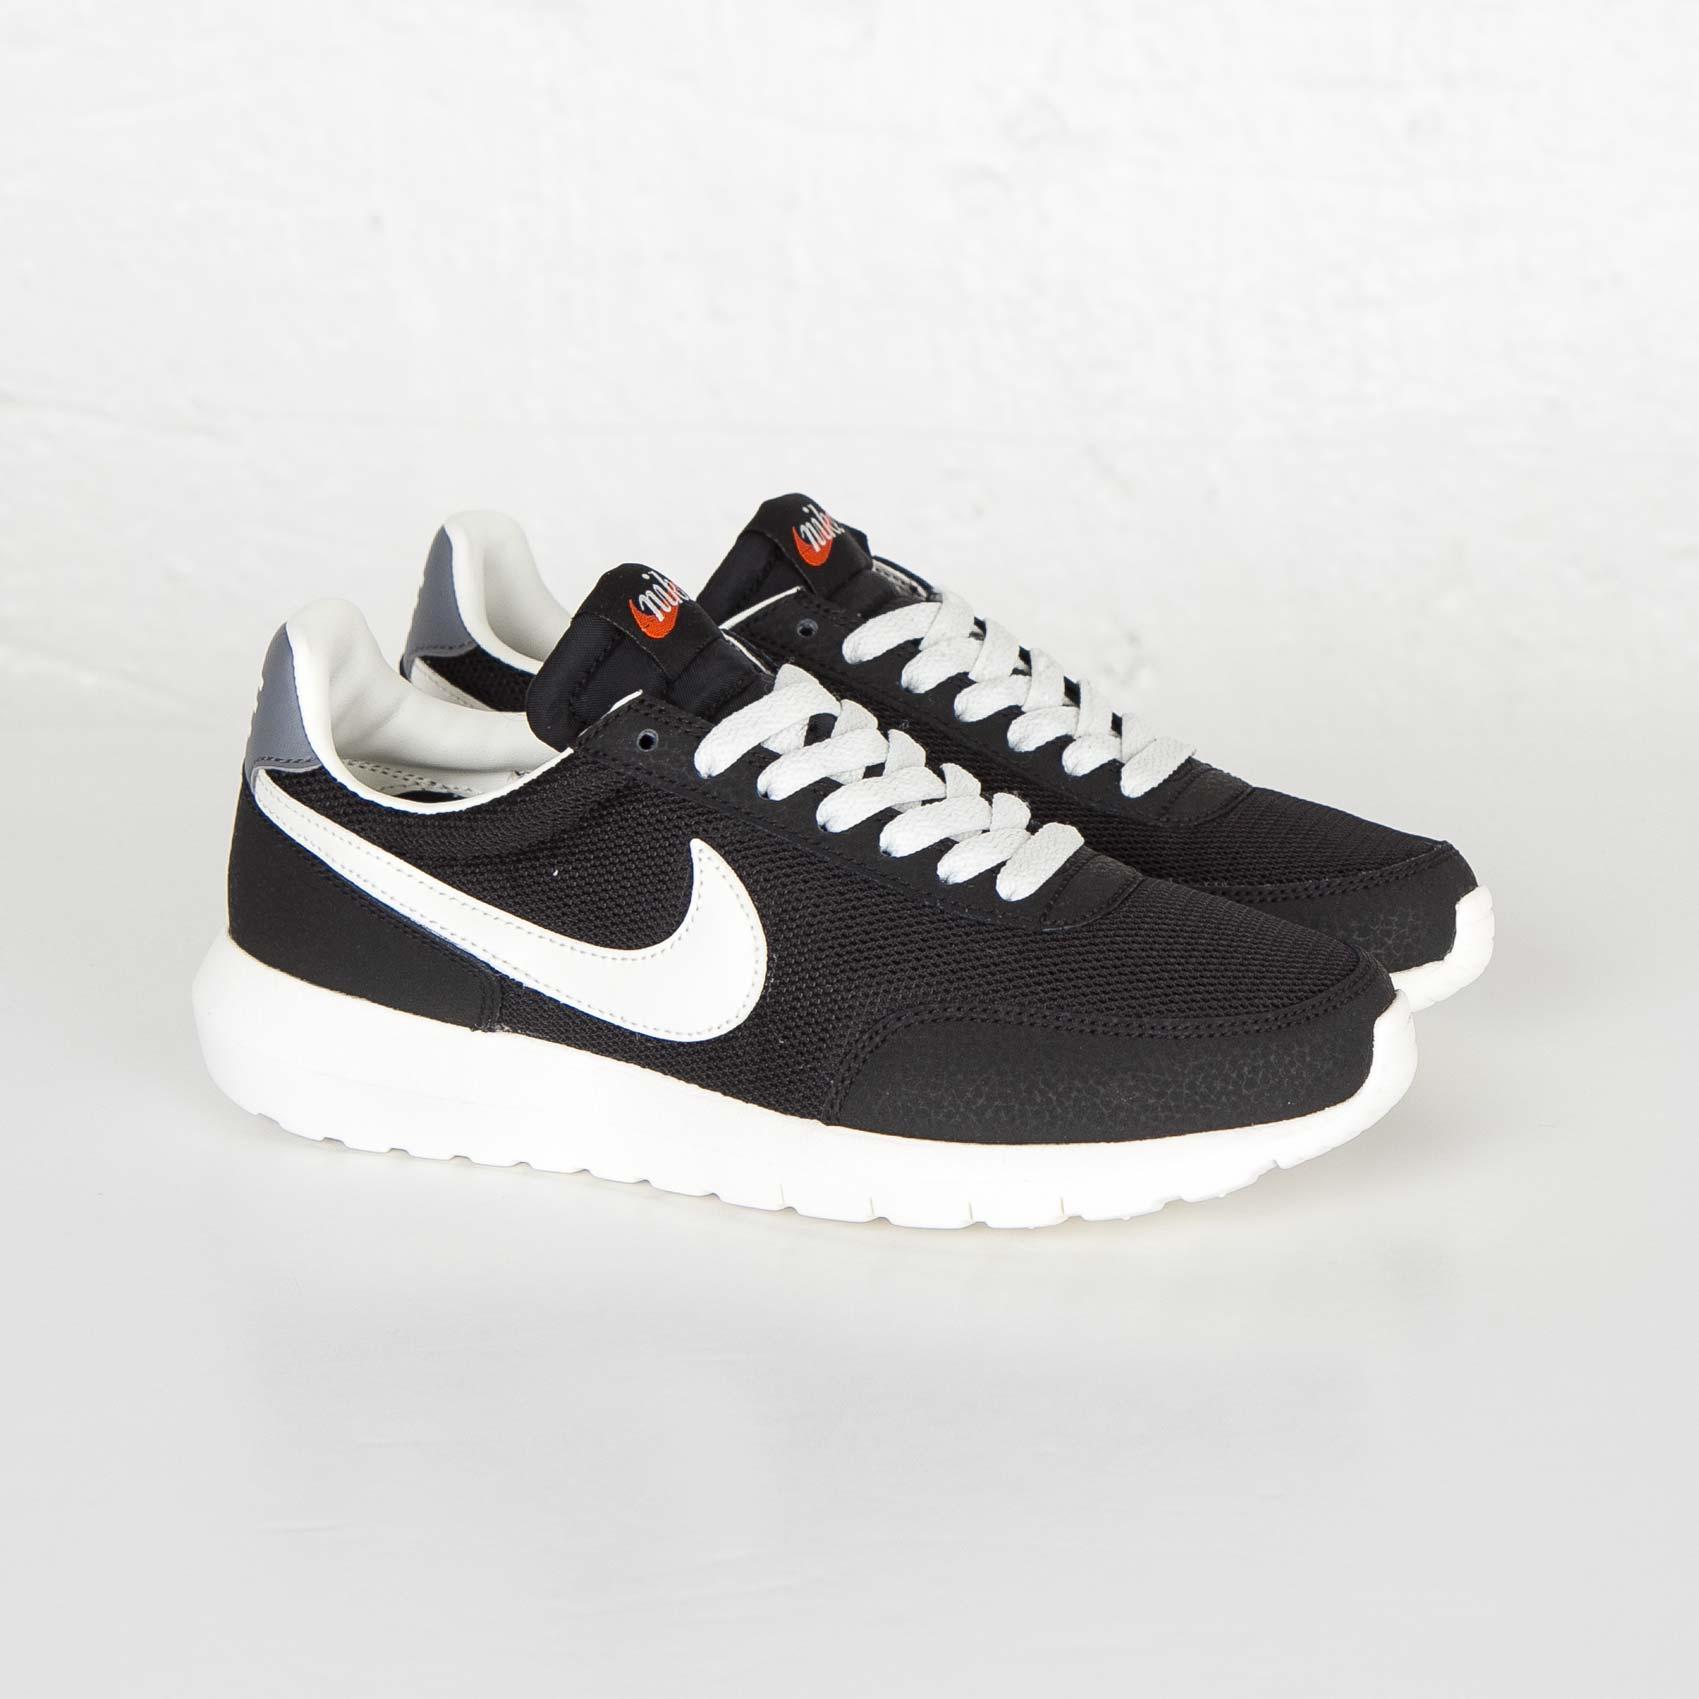 629074b10351 Nike Wmns Roshe Dbreak NM - 833812-001 - Sneakersnstuff